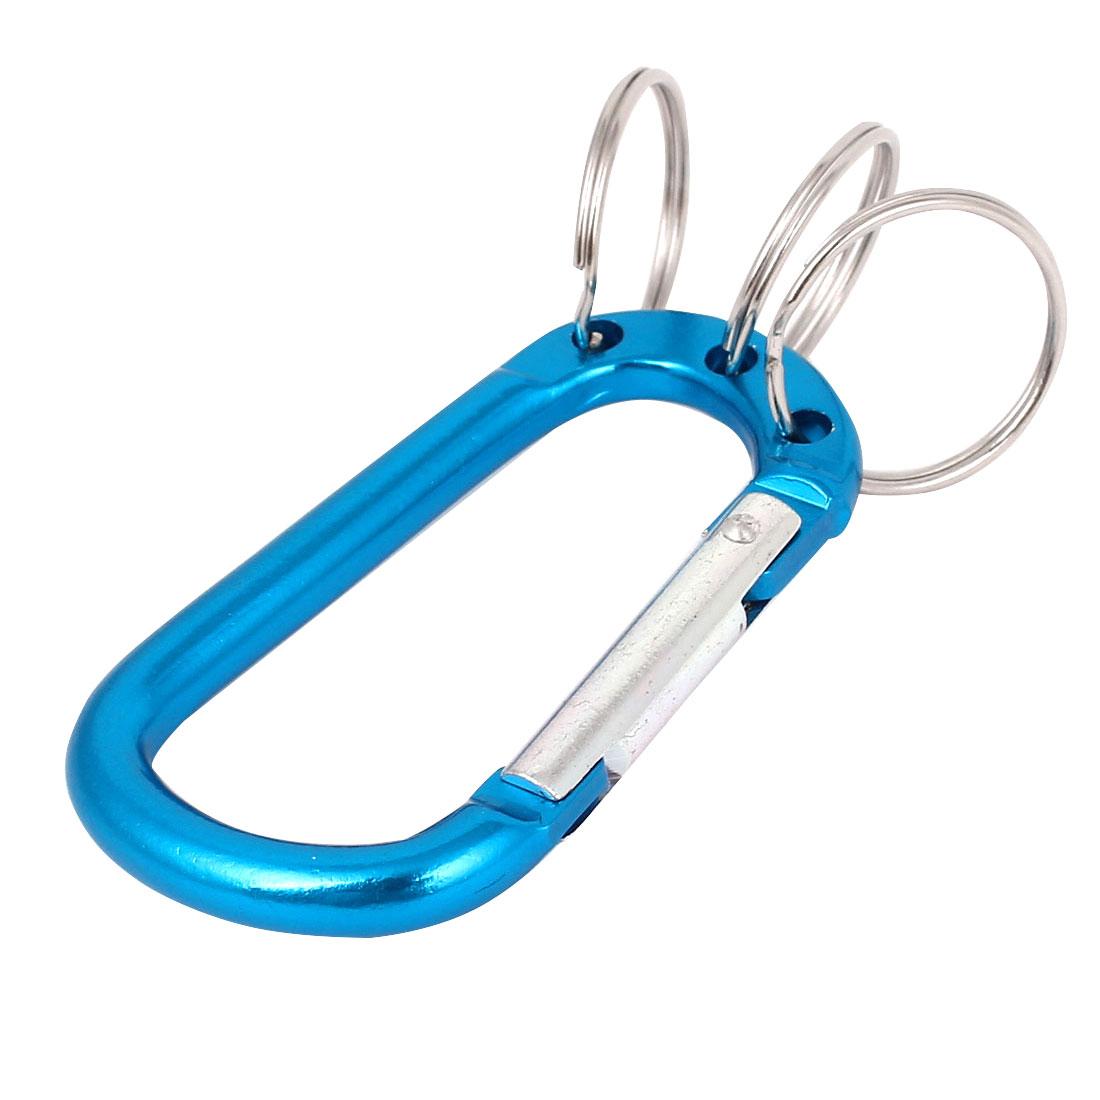 Outdoor Camping Keys Bag Holder 3 Split Keyring Carabiners Clip Hook Teal Blue